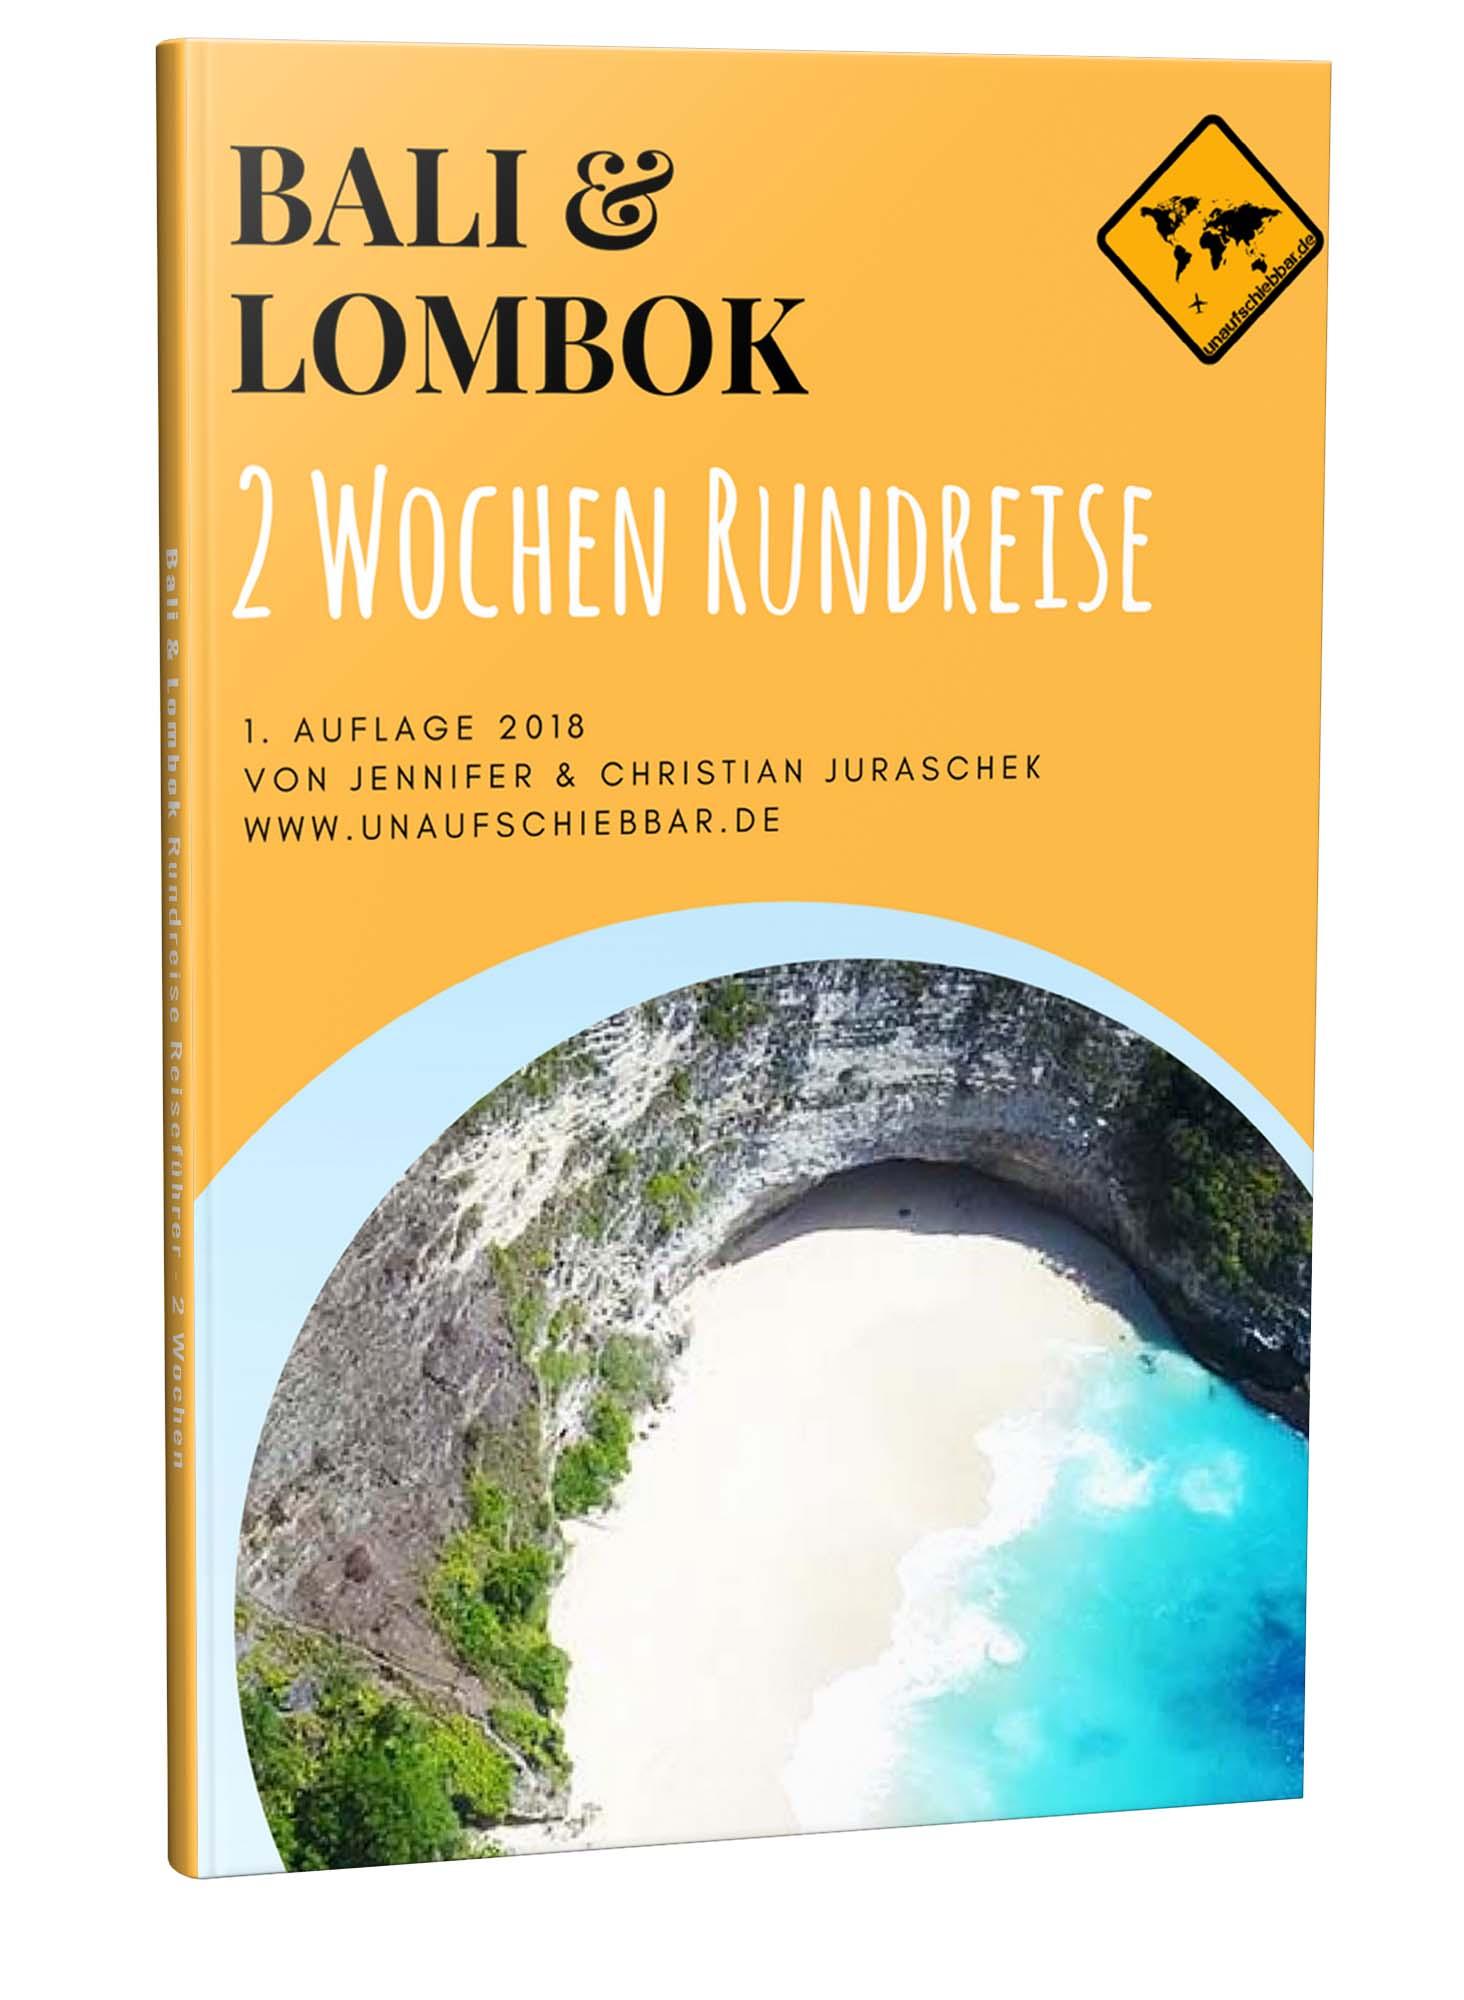 Bali Lombok Rundreise Reiseführer für 2 Wochen